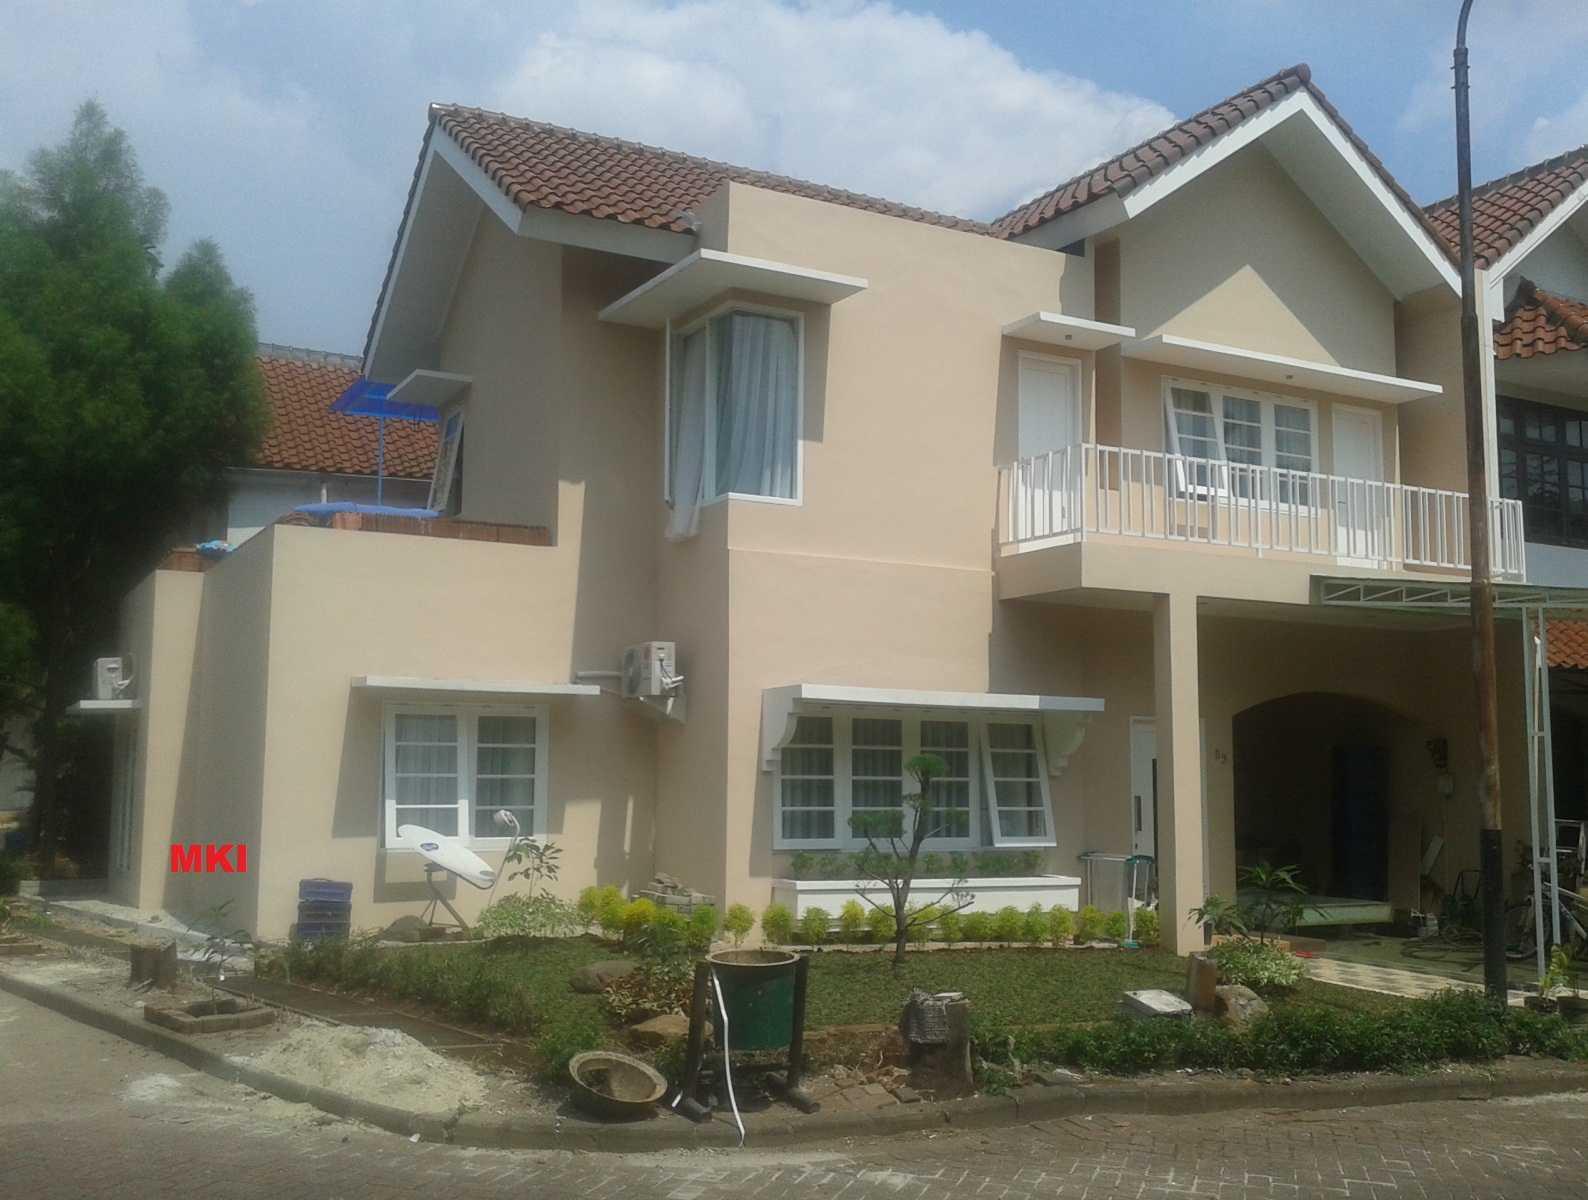 Mki Ub House Ciputat - Tangerang Selatan Ciputat - Tangerang Selatan Facade Depan Modern  17085